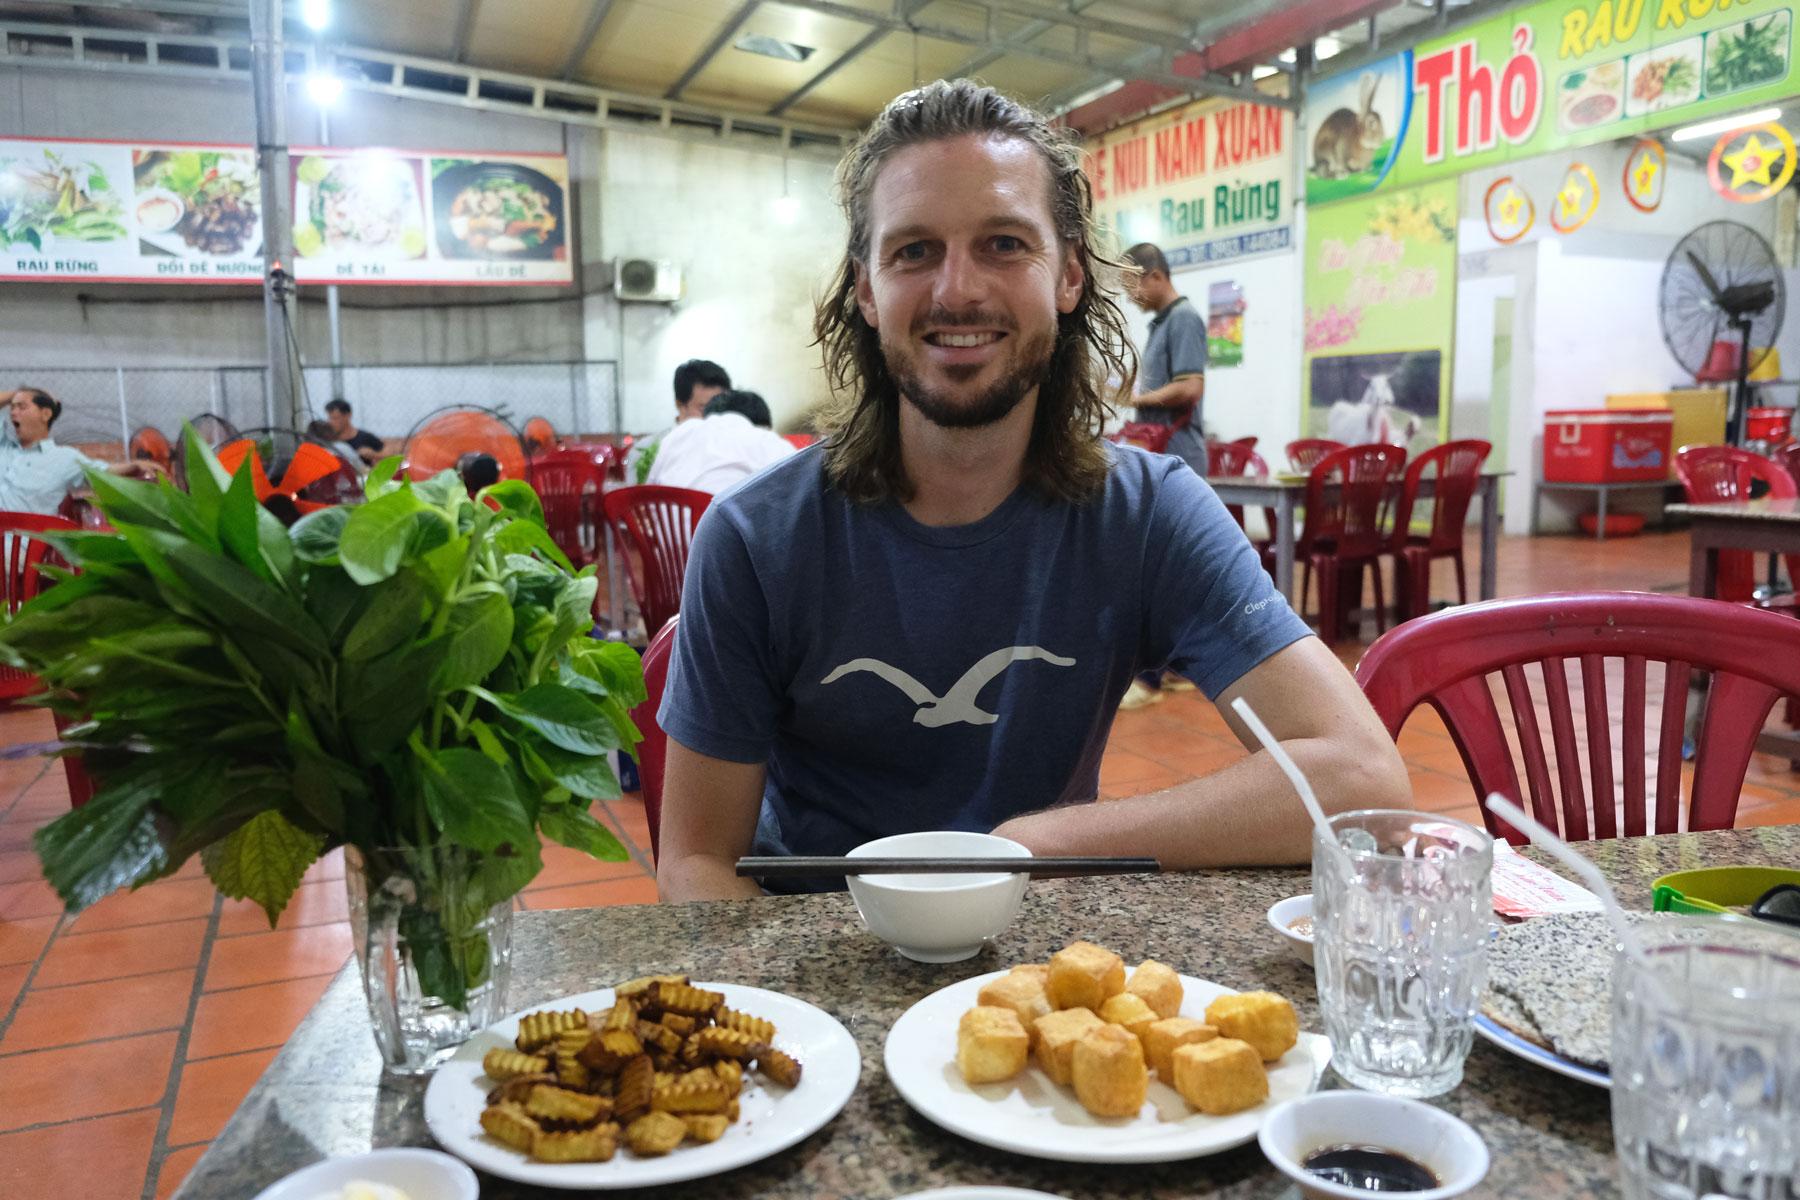 Sebastian sitzt vor zwei Tellern Tofu und Taro, unserem Abendessen.